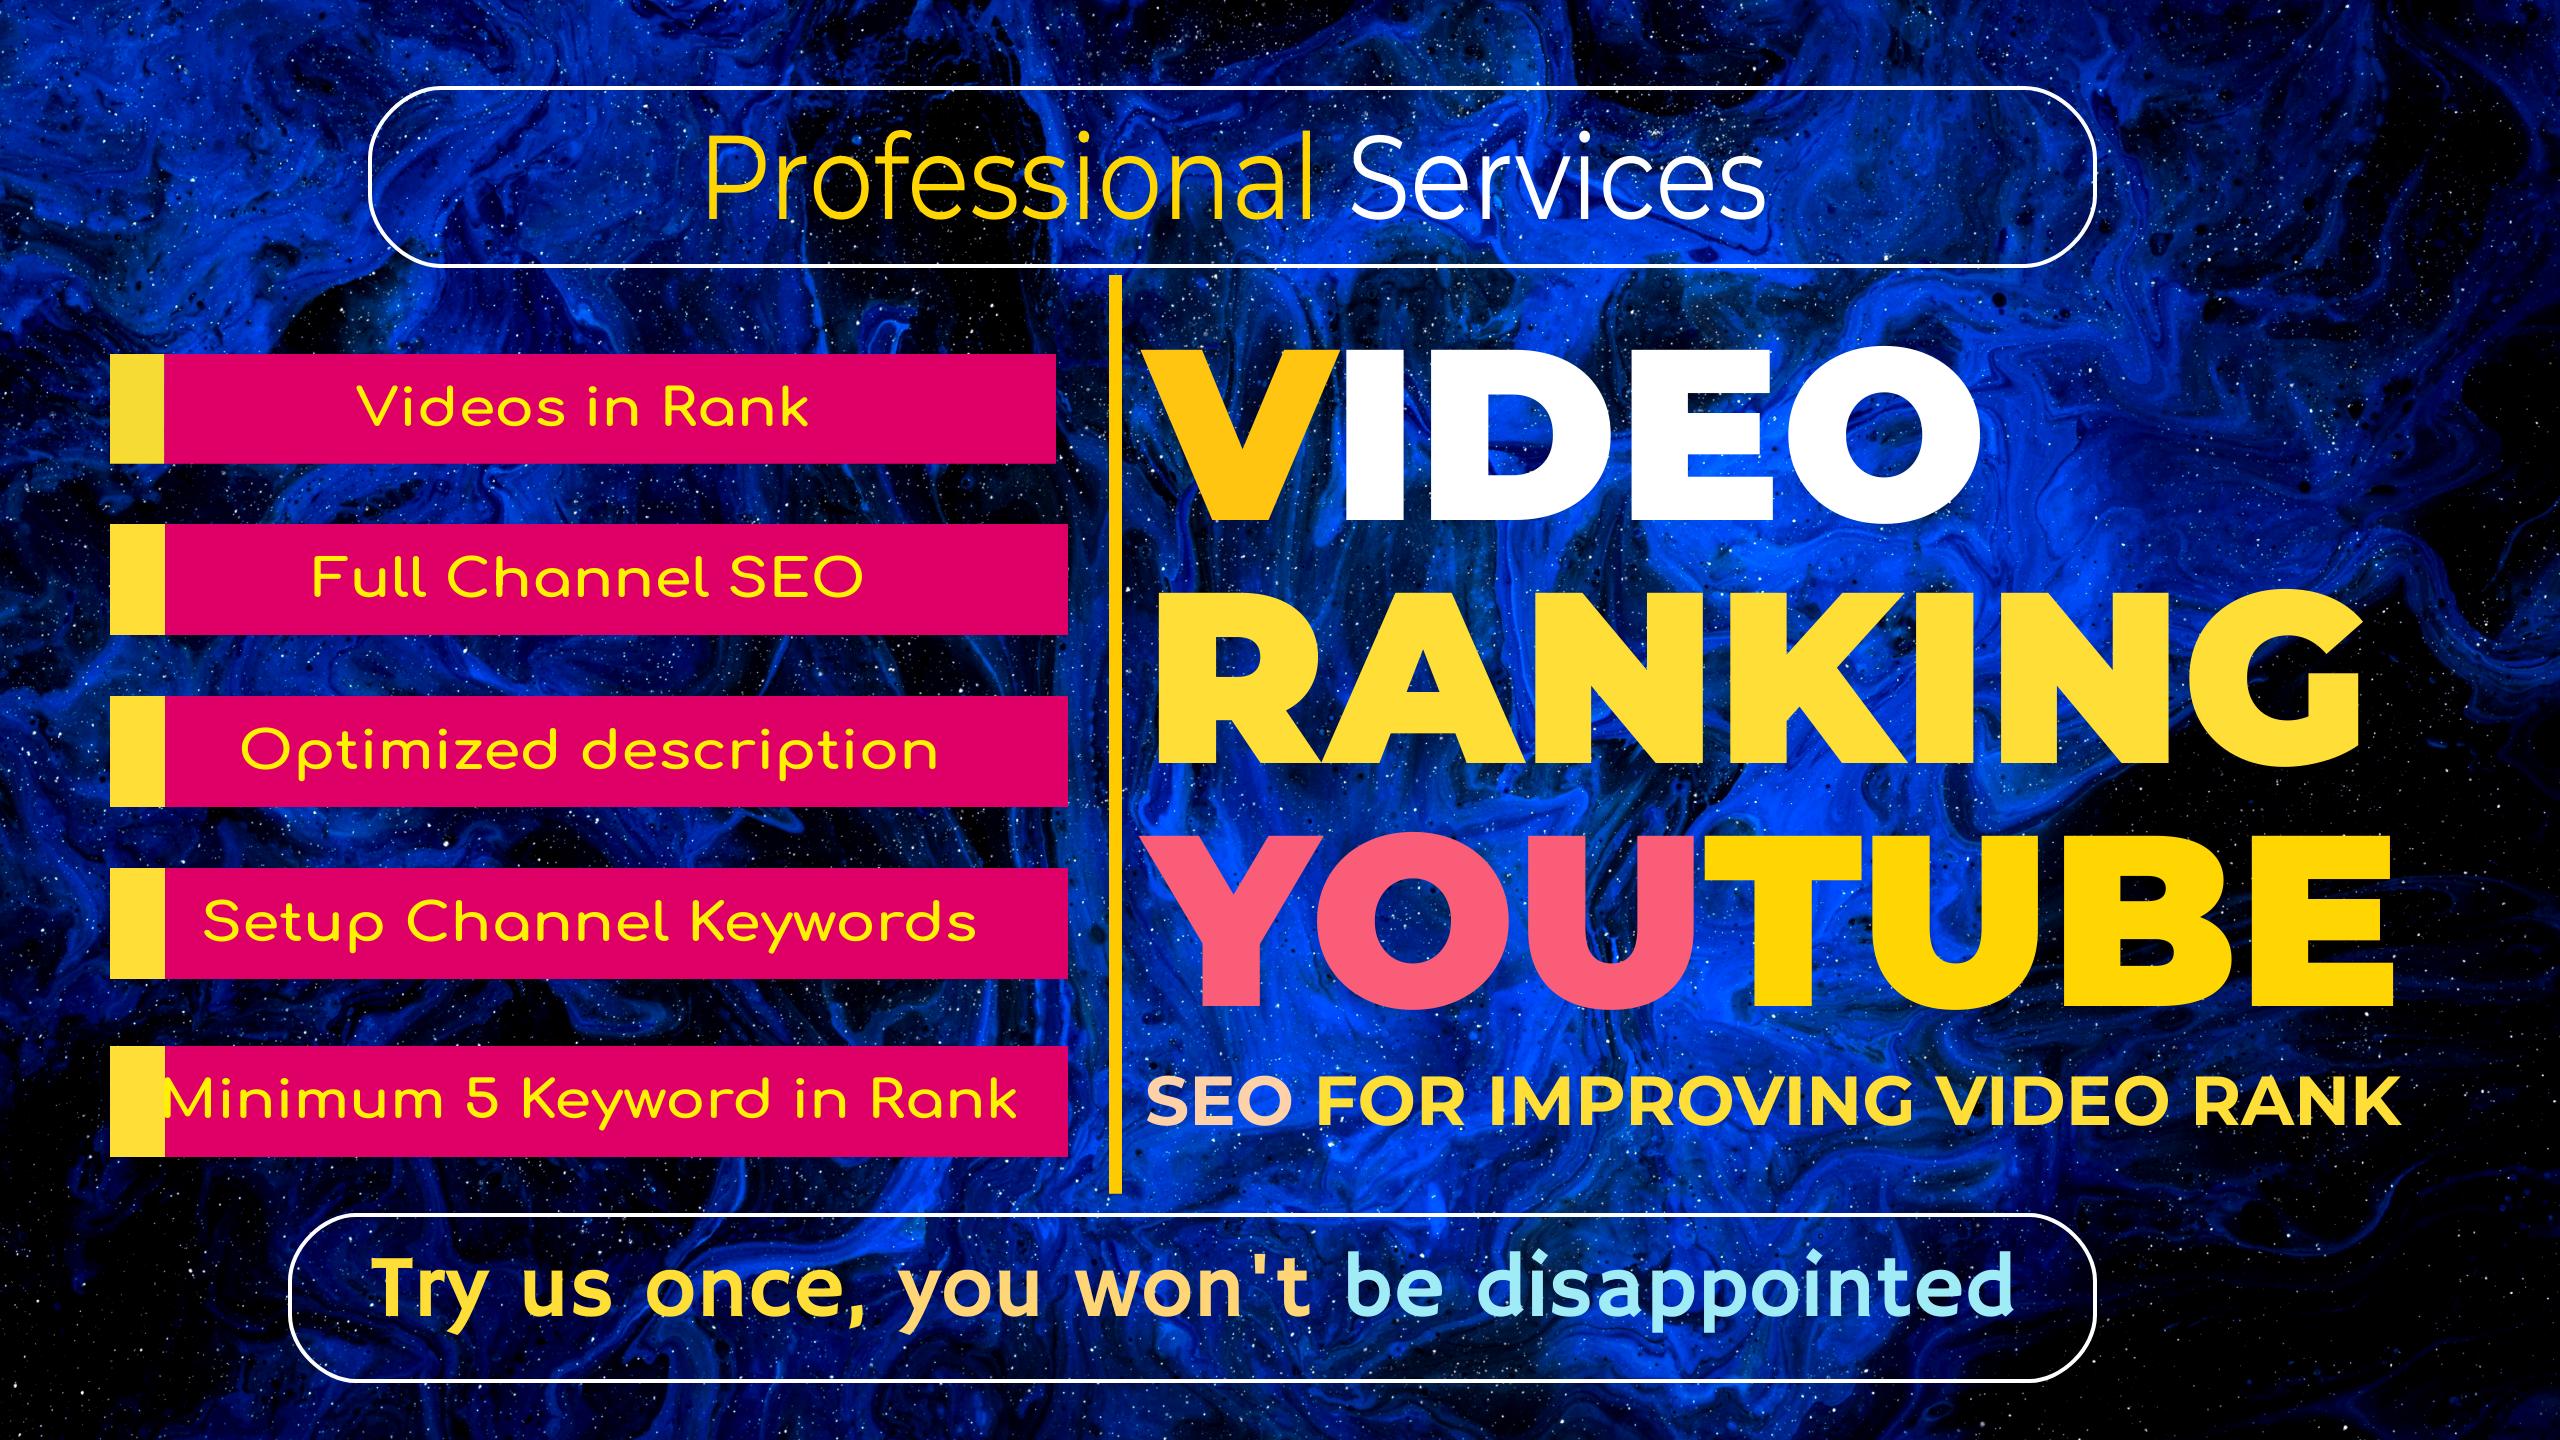 I will do organic youtube video SEO to improve ranking